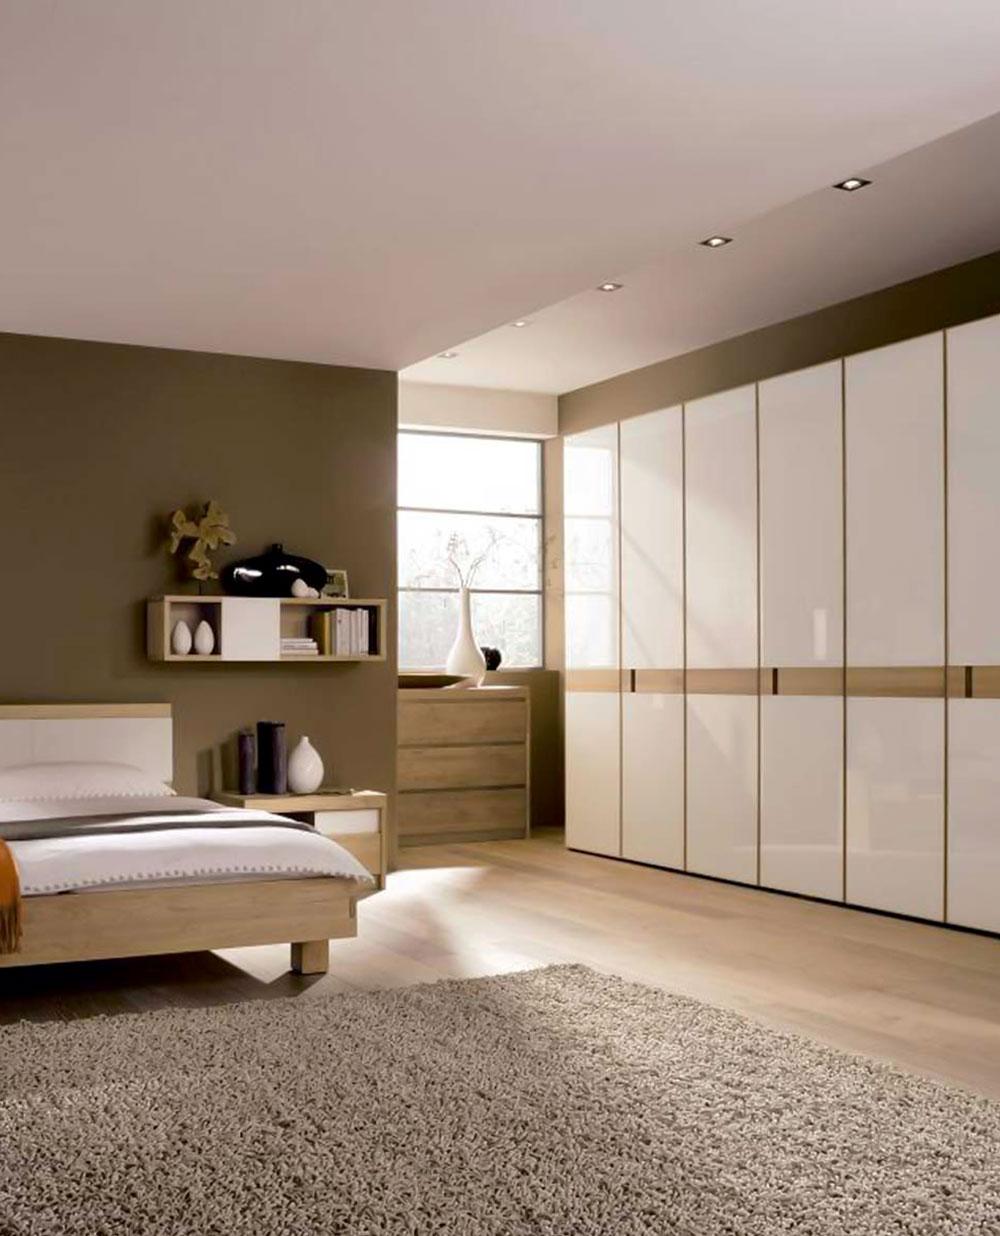 تزیین اتاق خواب در طراحی داخلی